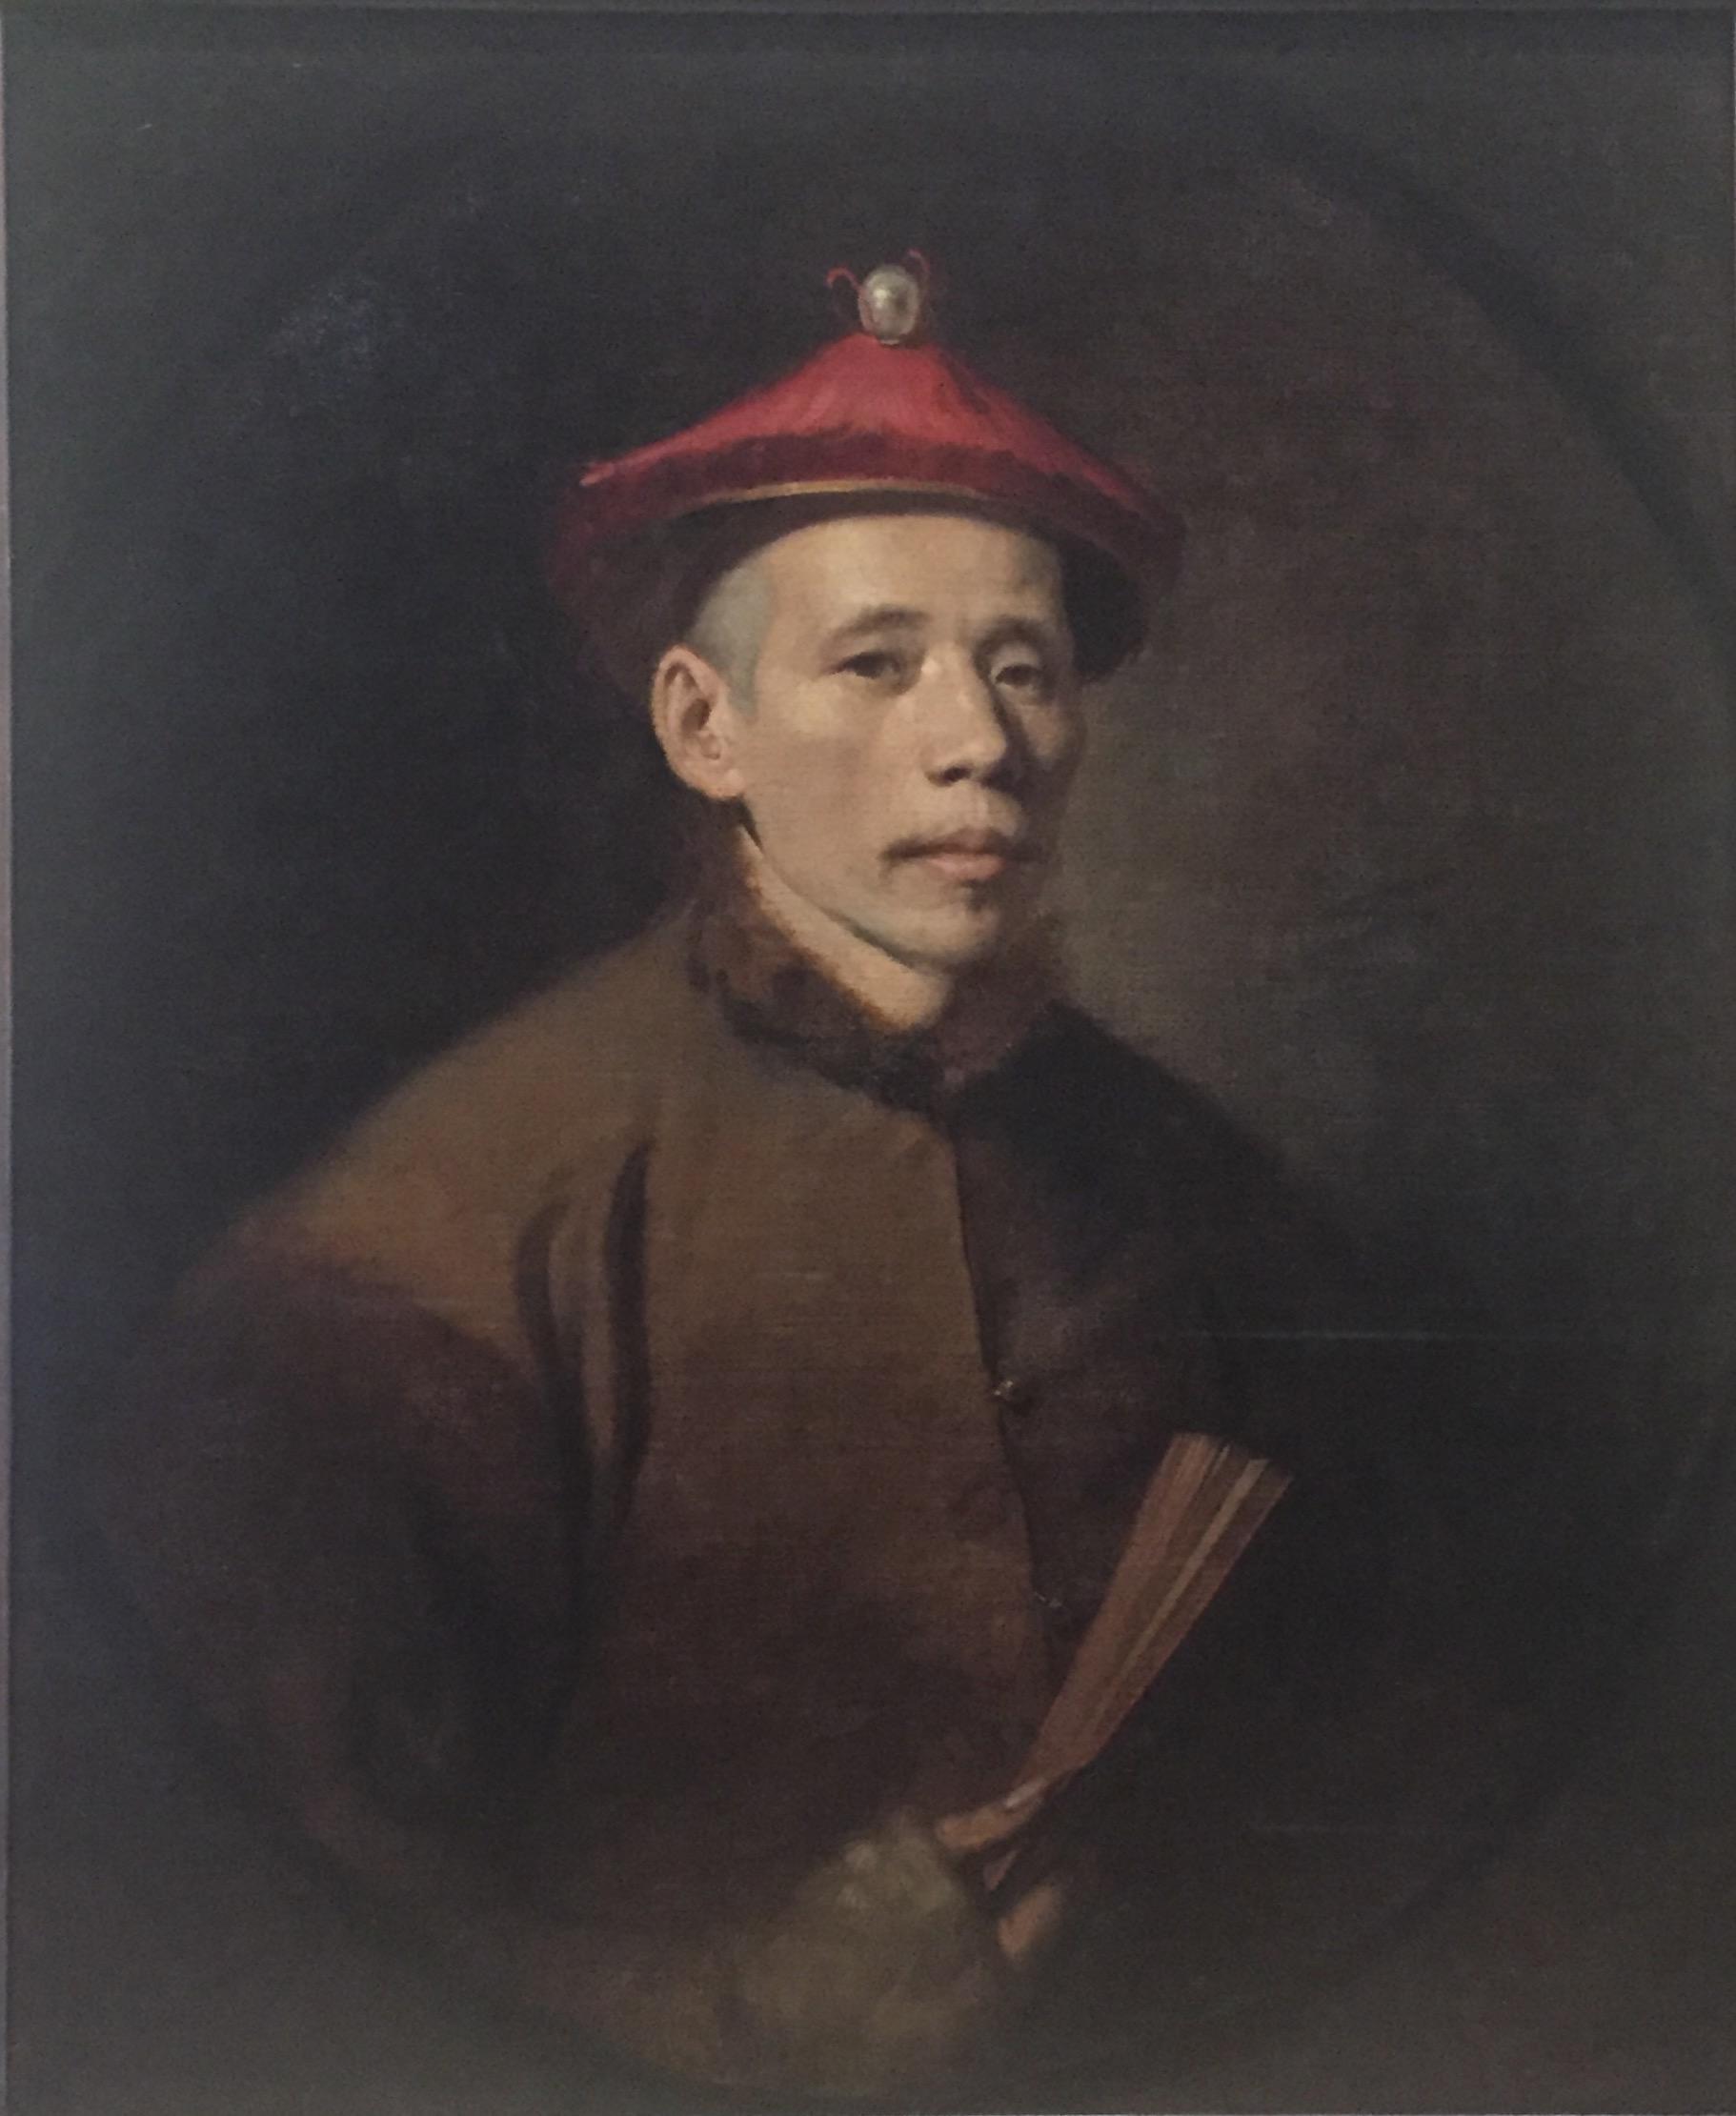 Chitqua, el escultor chino que revolucionó Londres